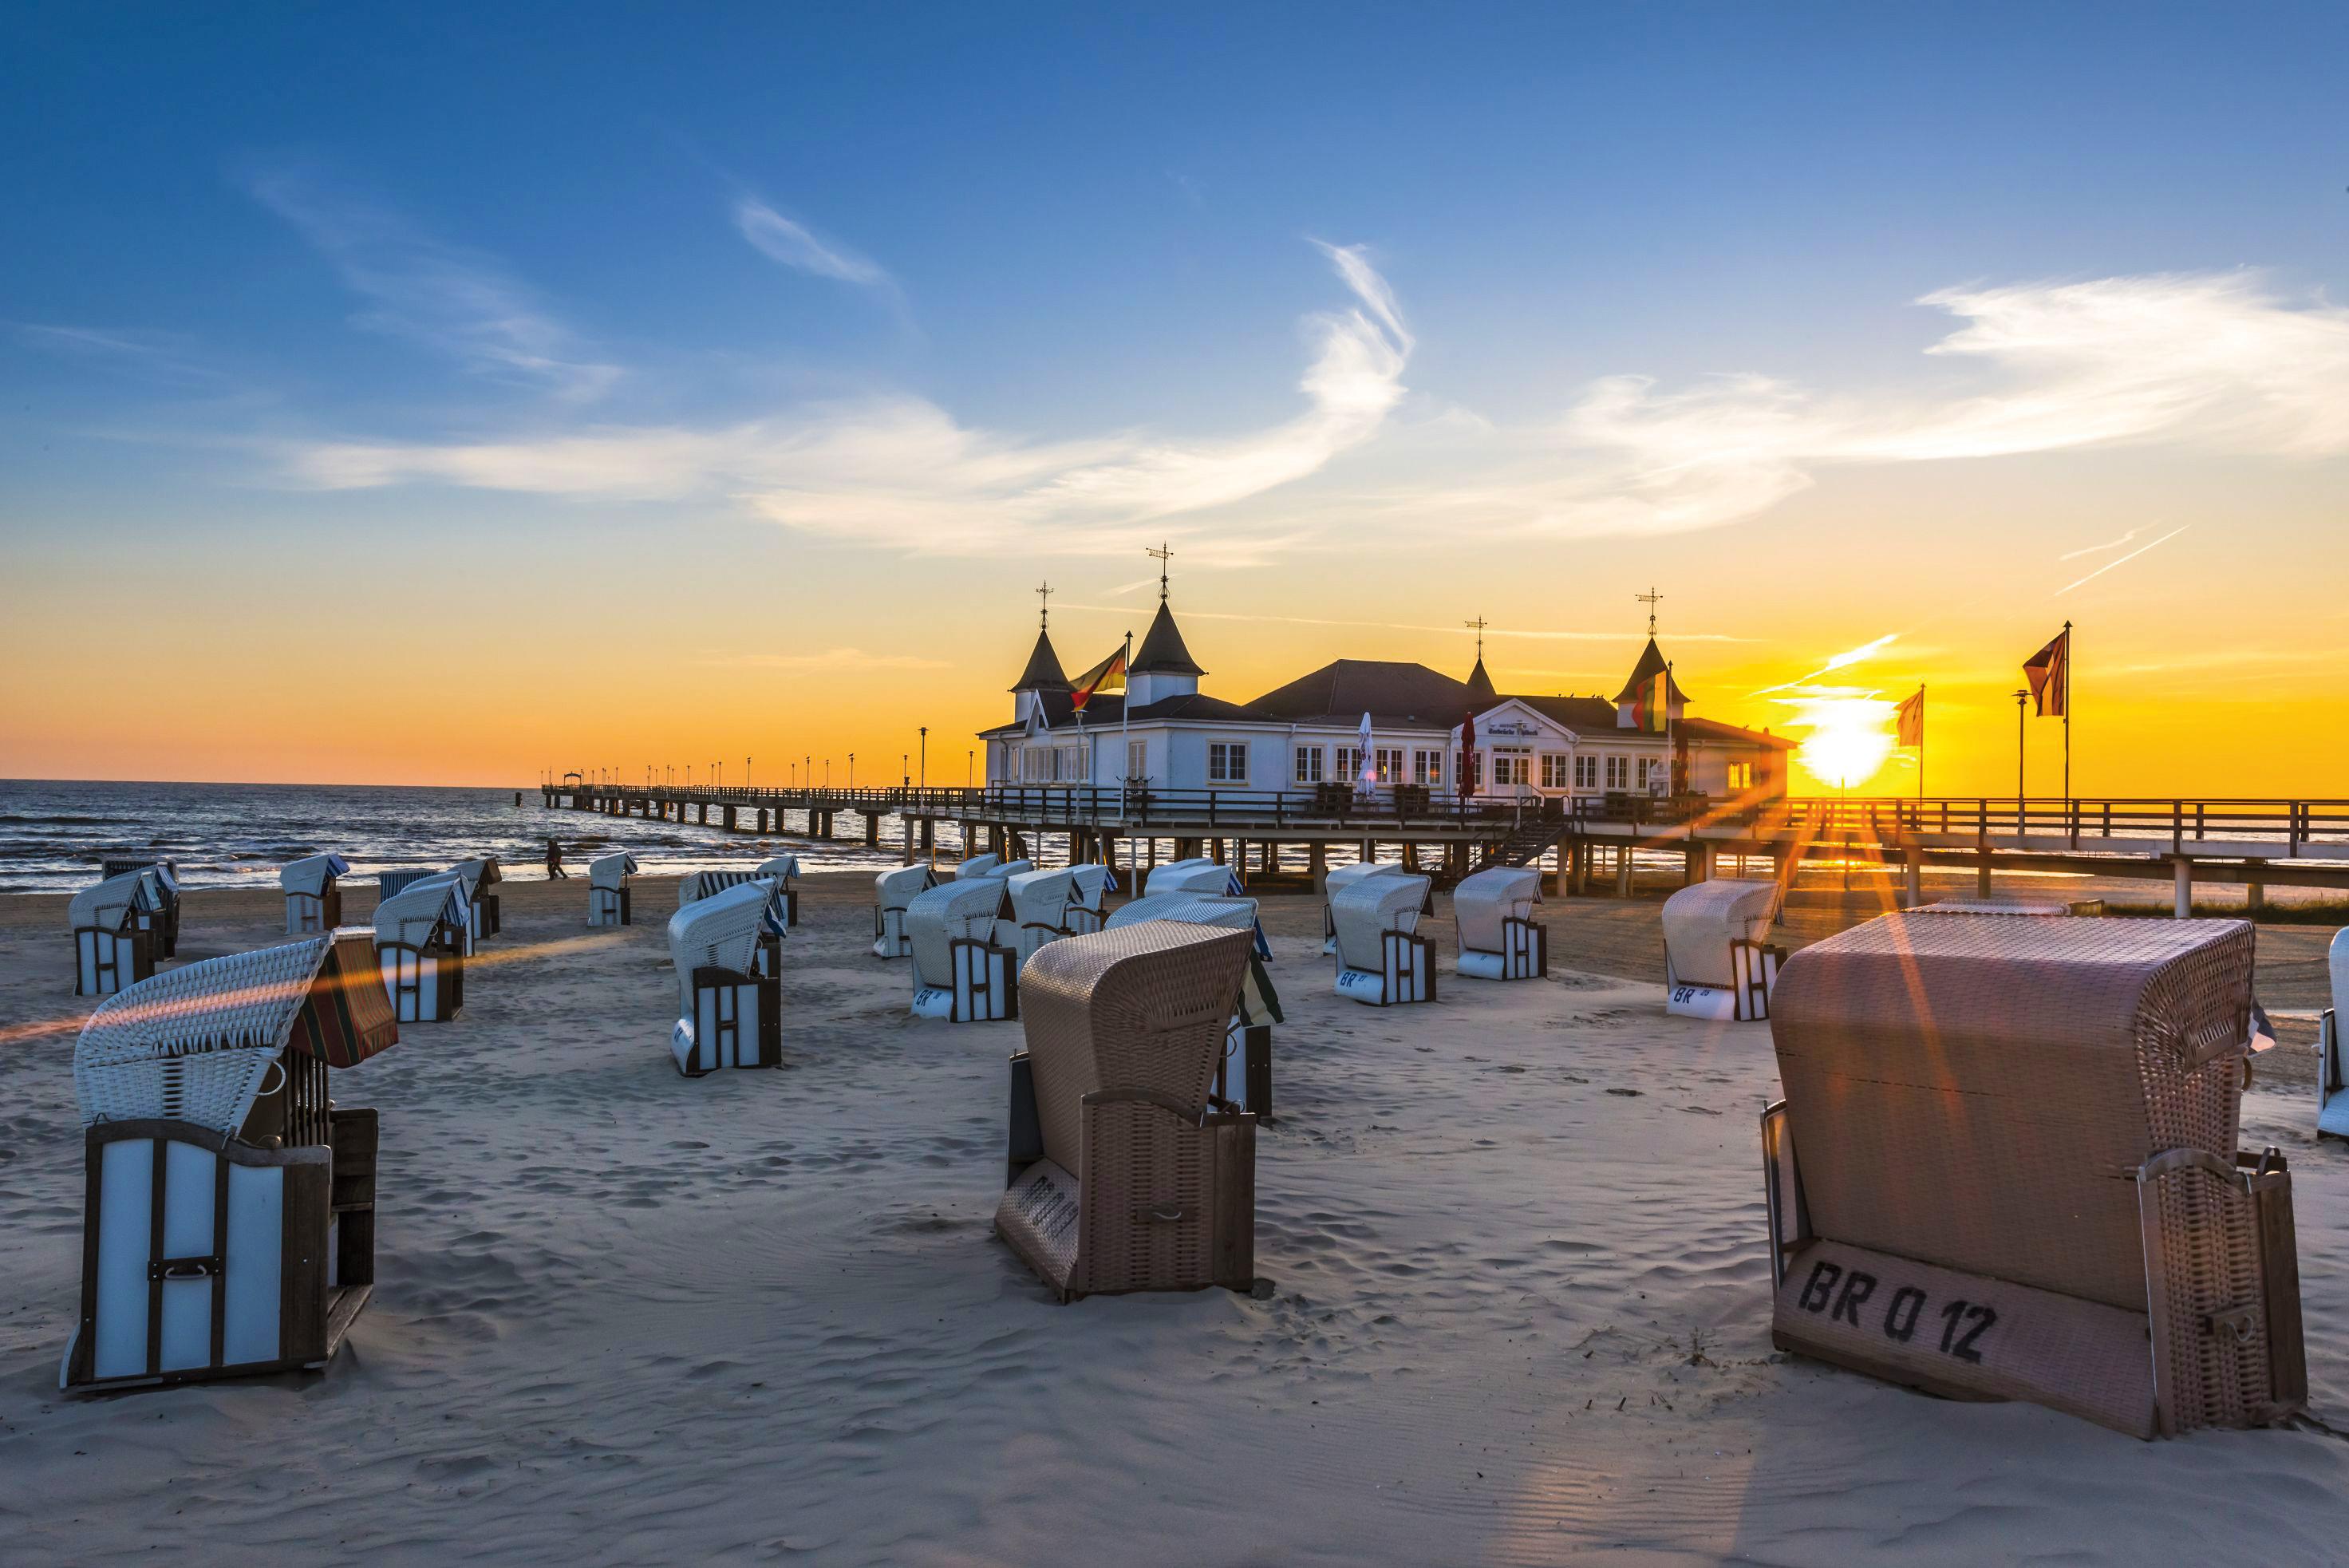 Reise Nach Mecklenburg Vorpommern